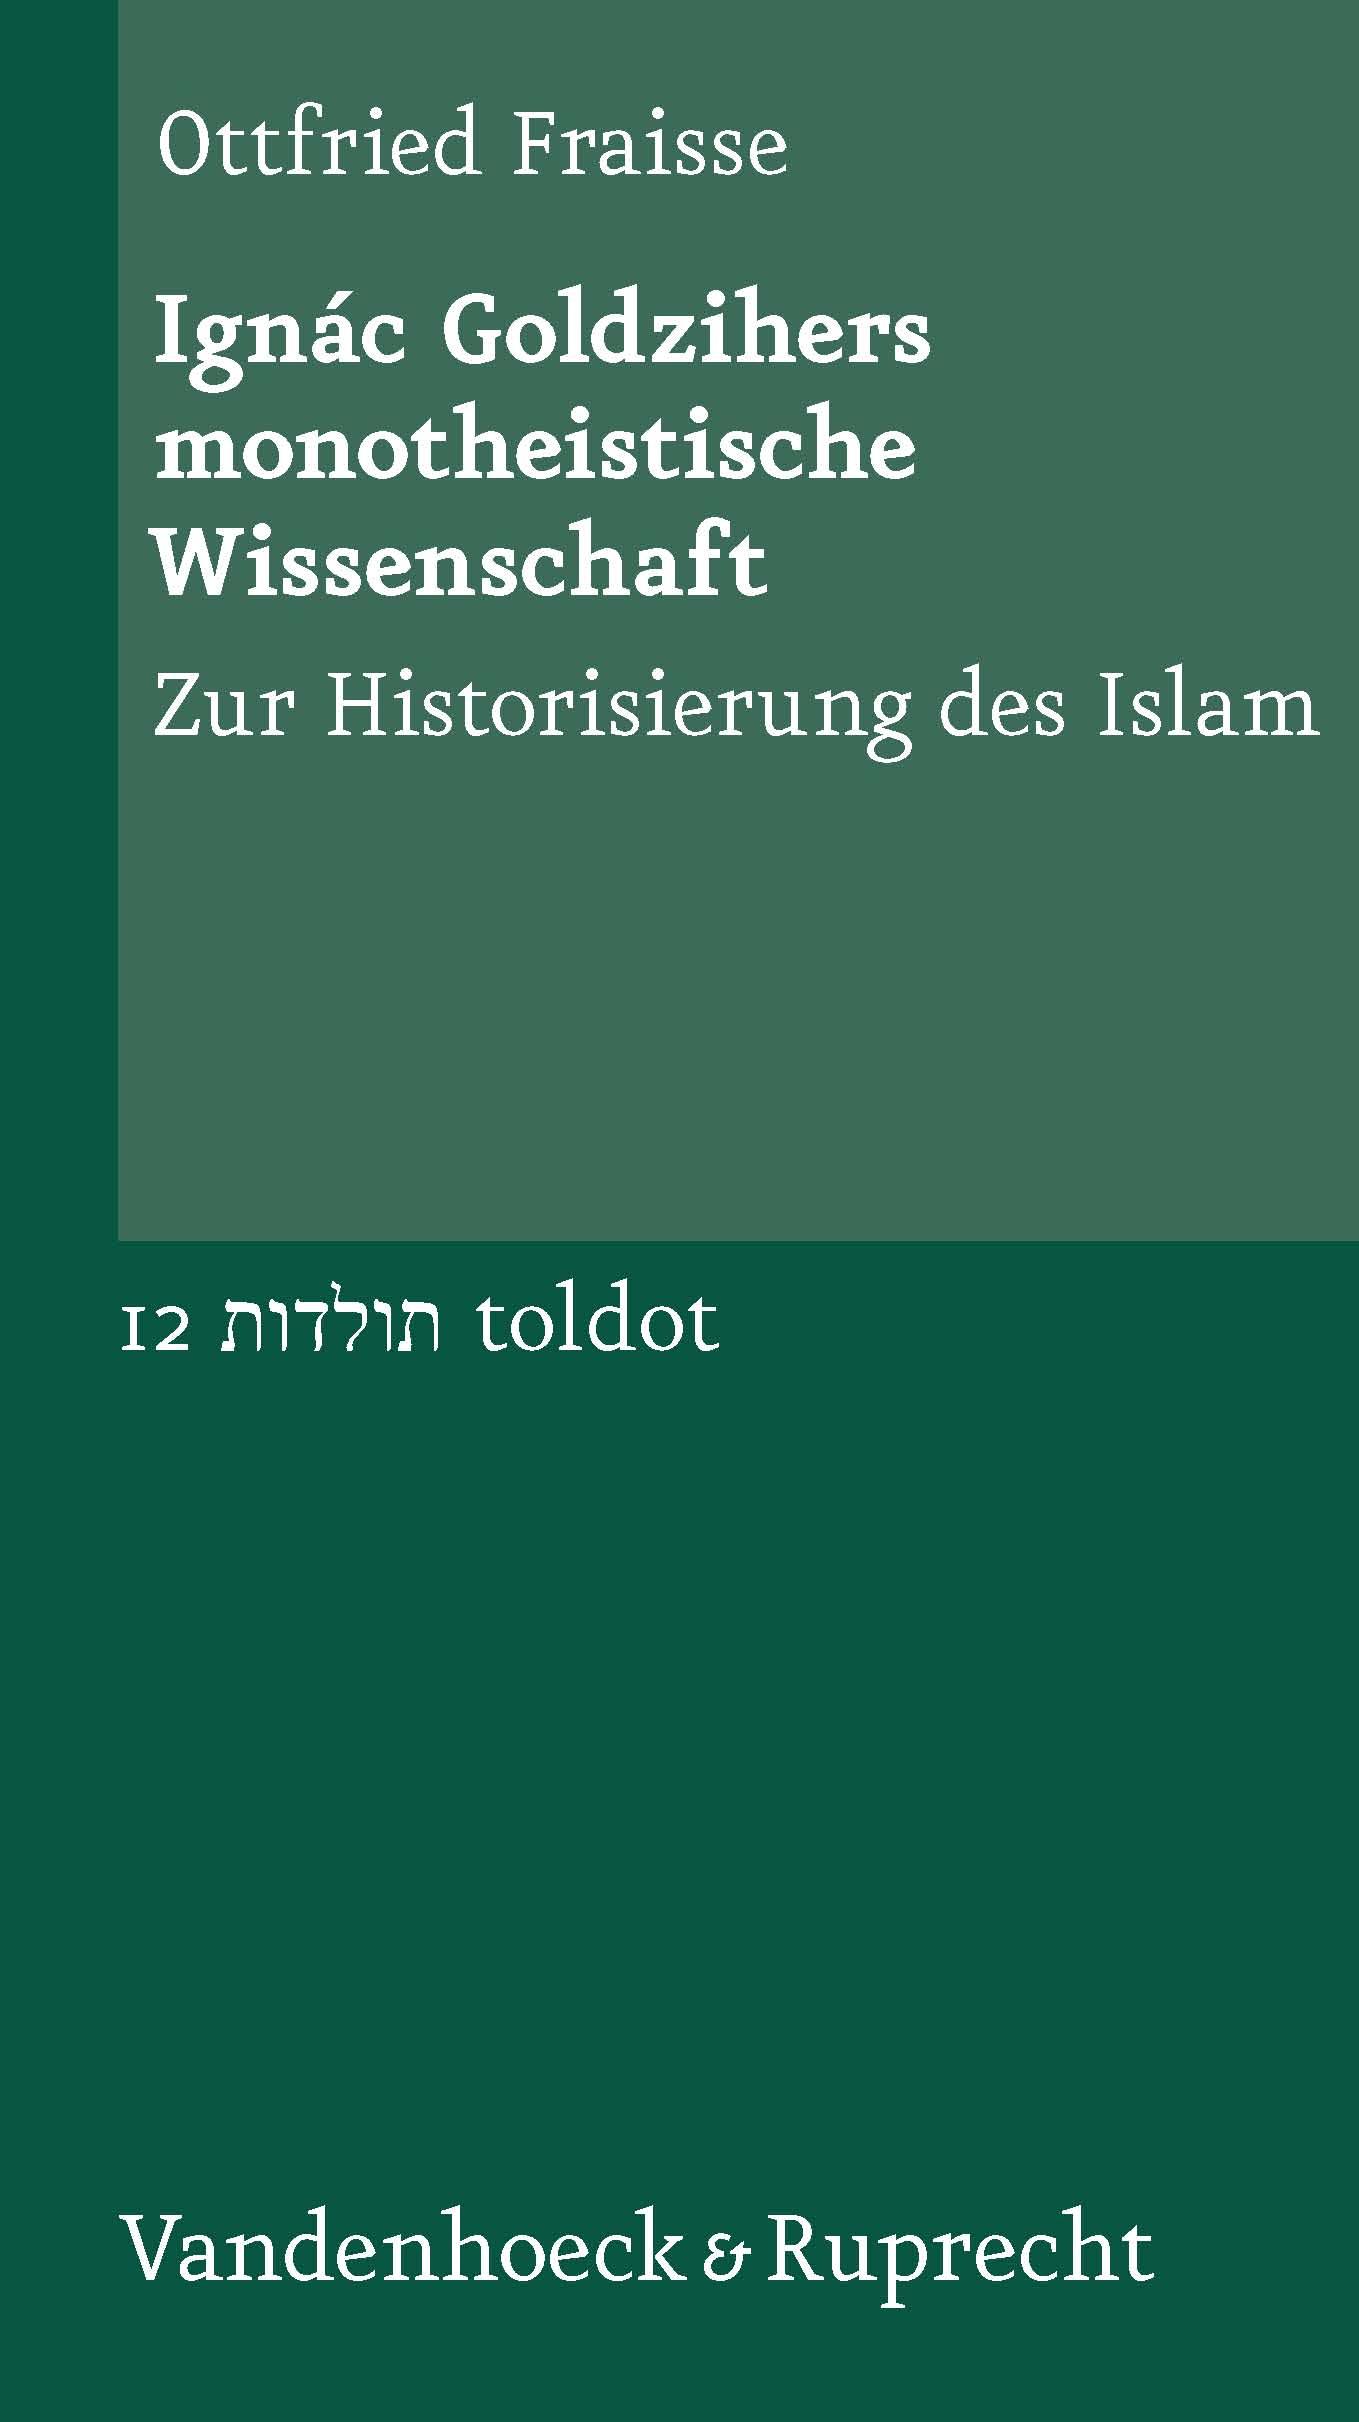 Ignác Goldzihers monotheistische Wissenschaft: Zur Historisierung des Islam (Toldot, Bd.12) - Ottfried Fraisse